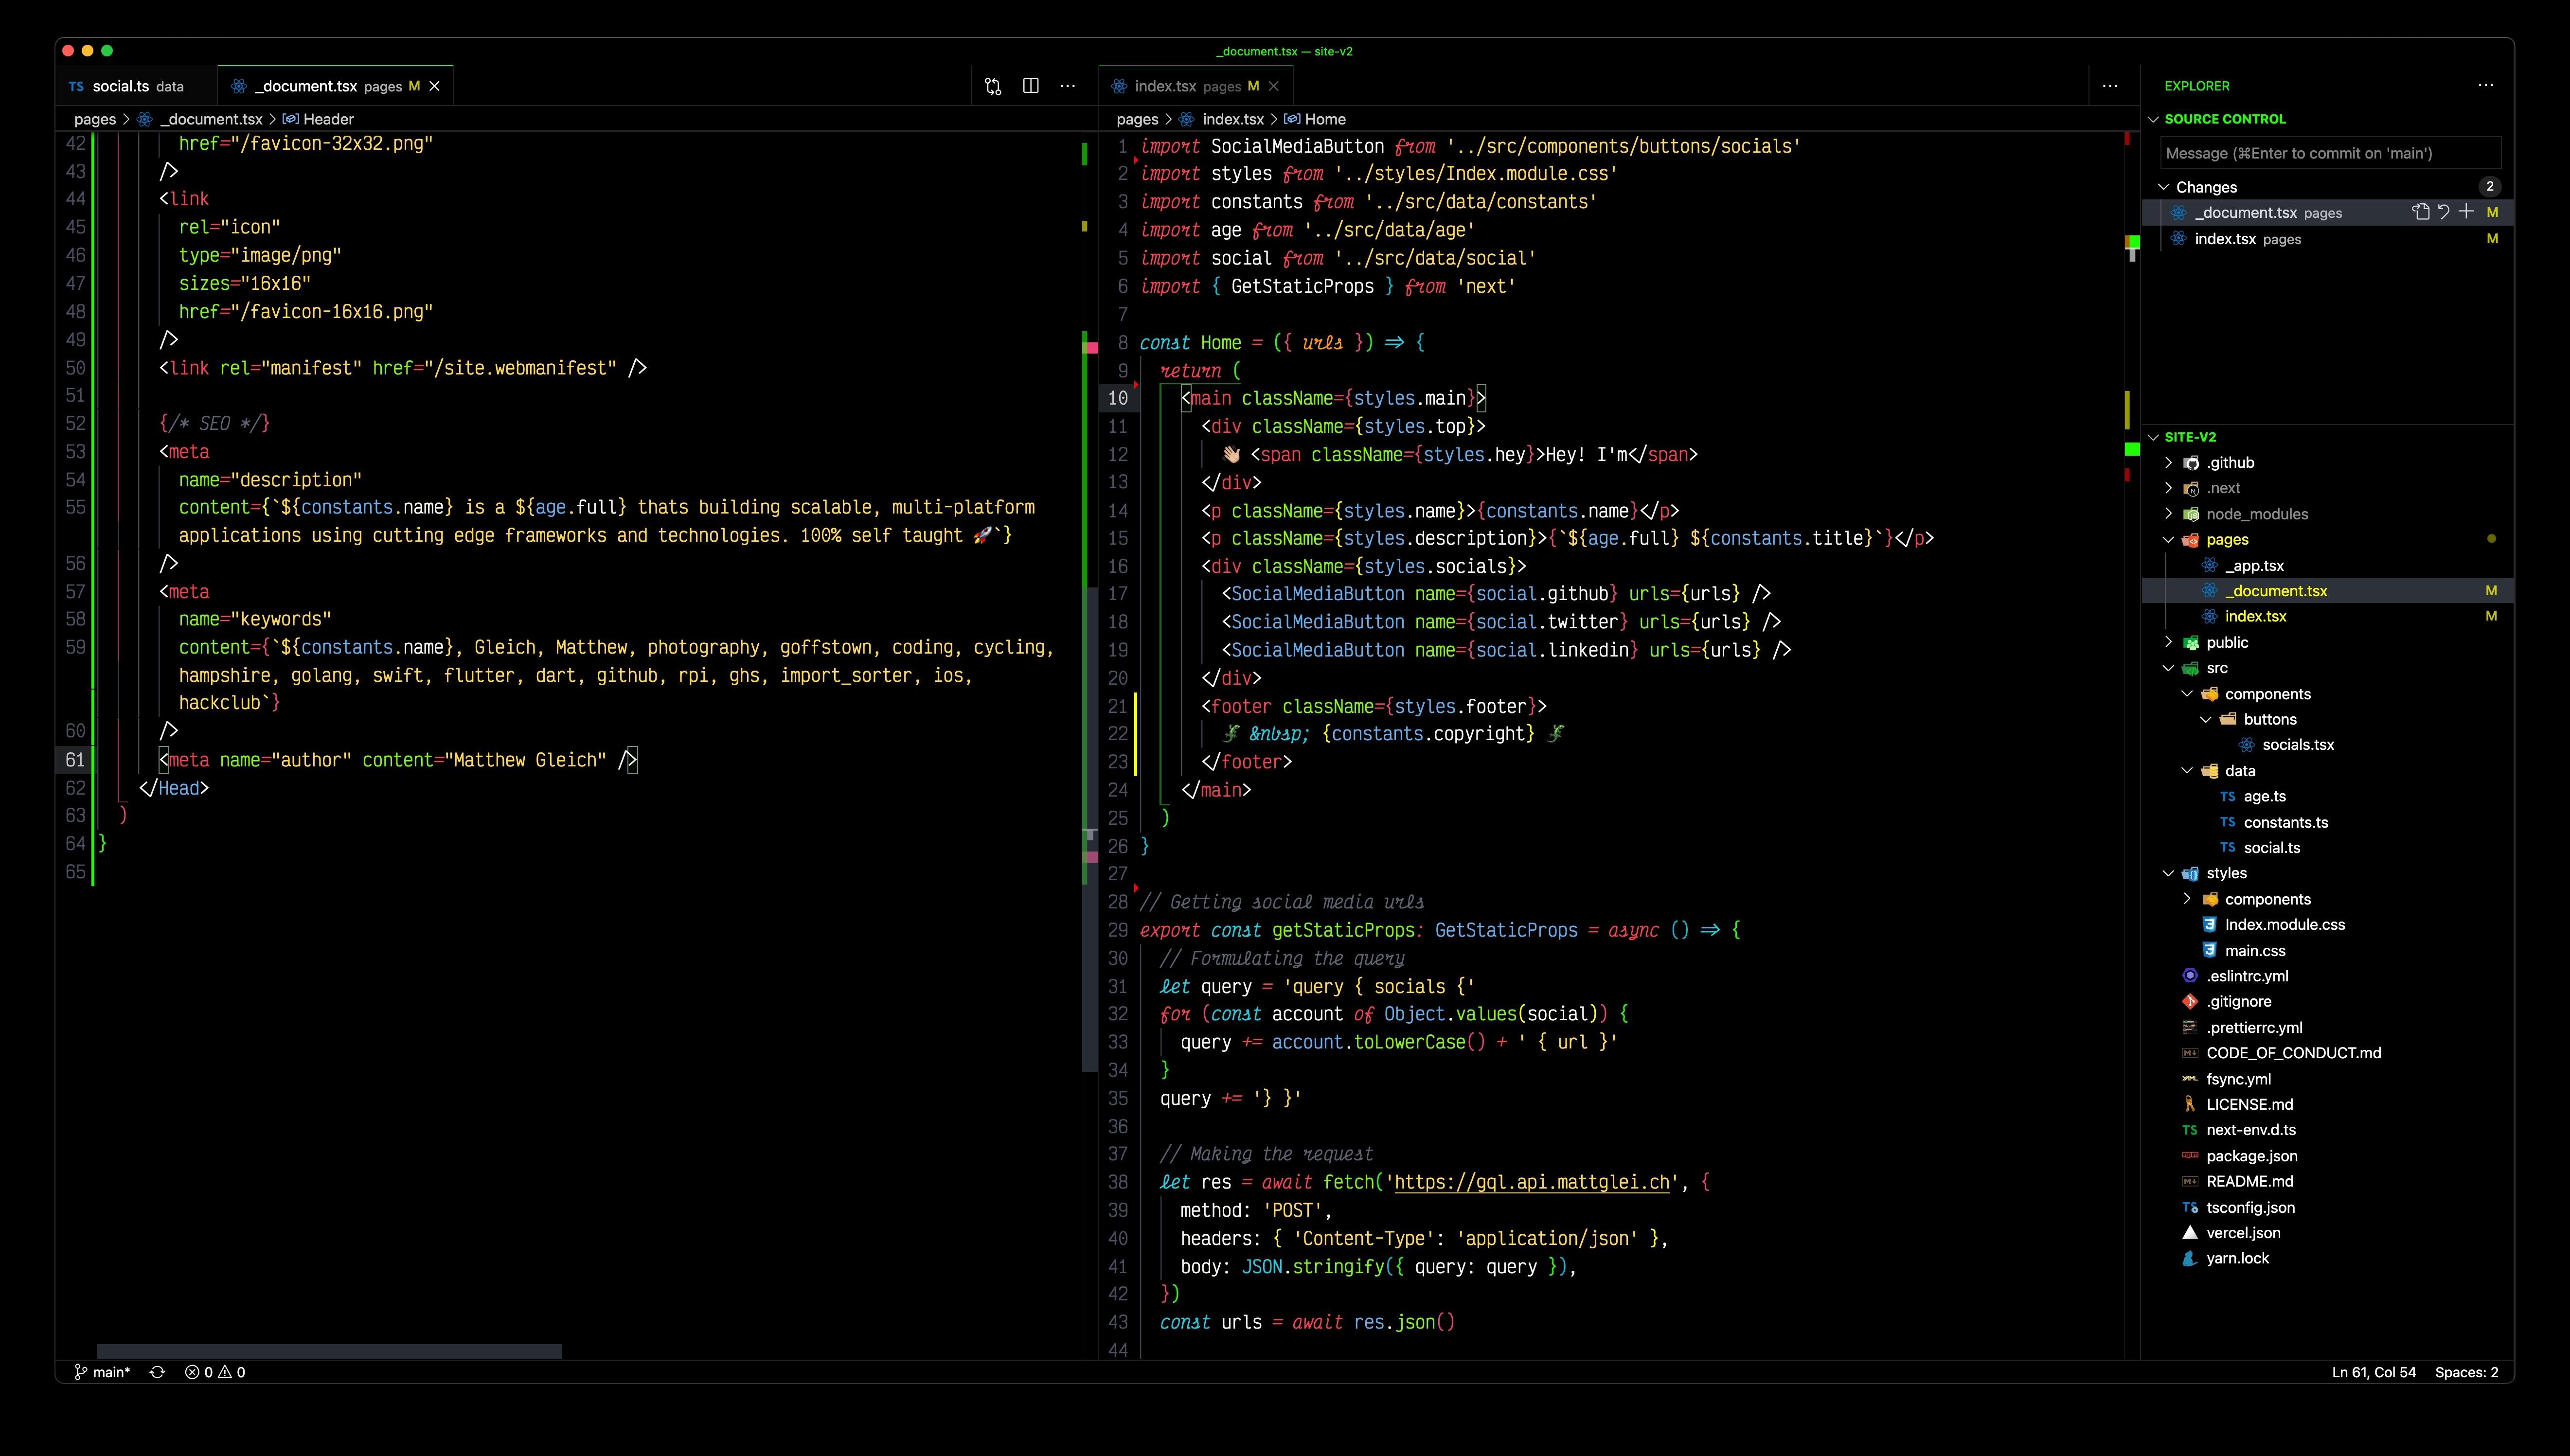 https://cloud-mgl7xk46y-hack-club-bot.vercel.app/0screen_shot_2021-03-05_at_2.00.08_pm.jpg